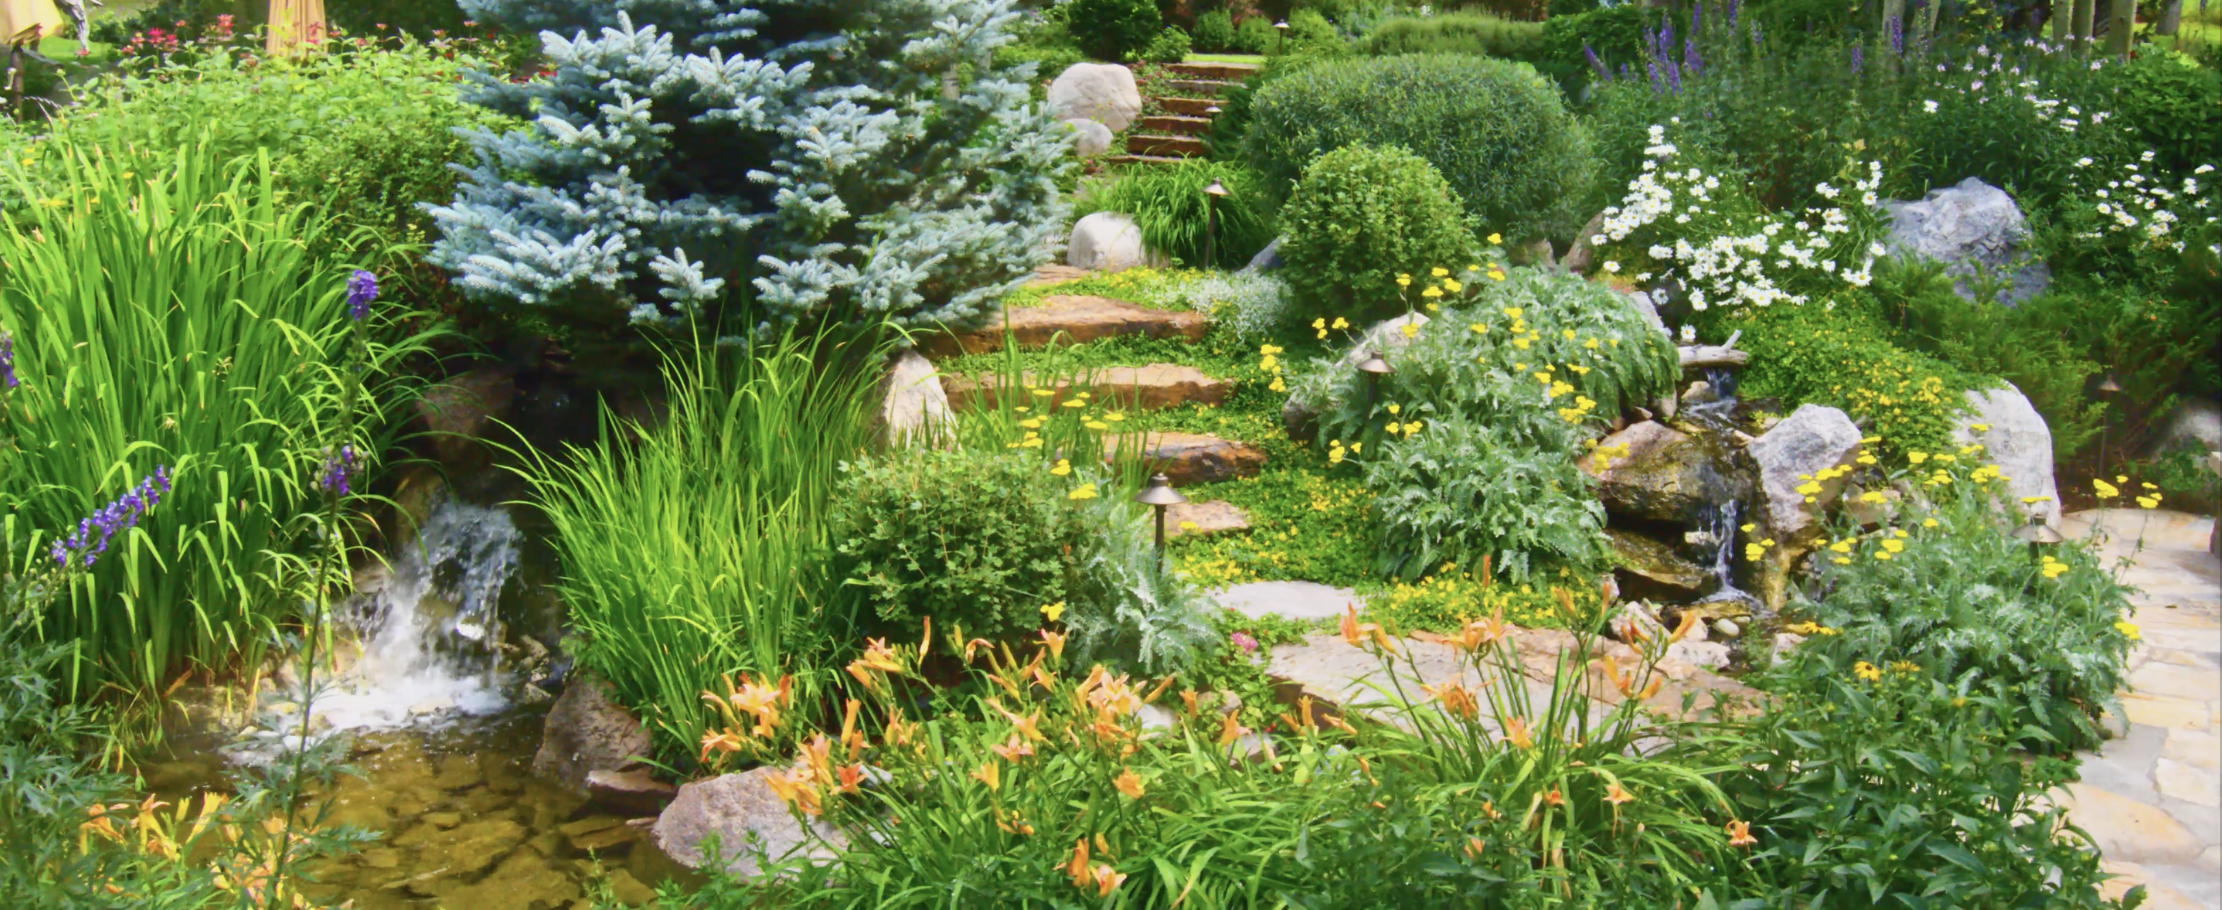 Aspen Luxury Residential Landscape Design